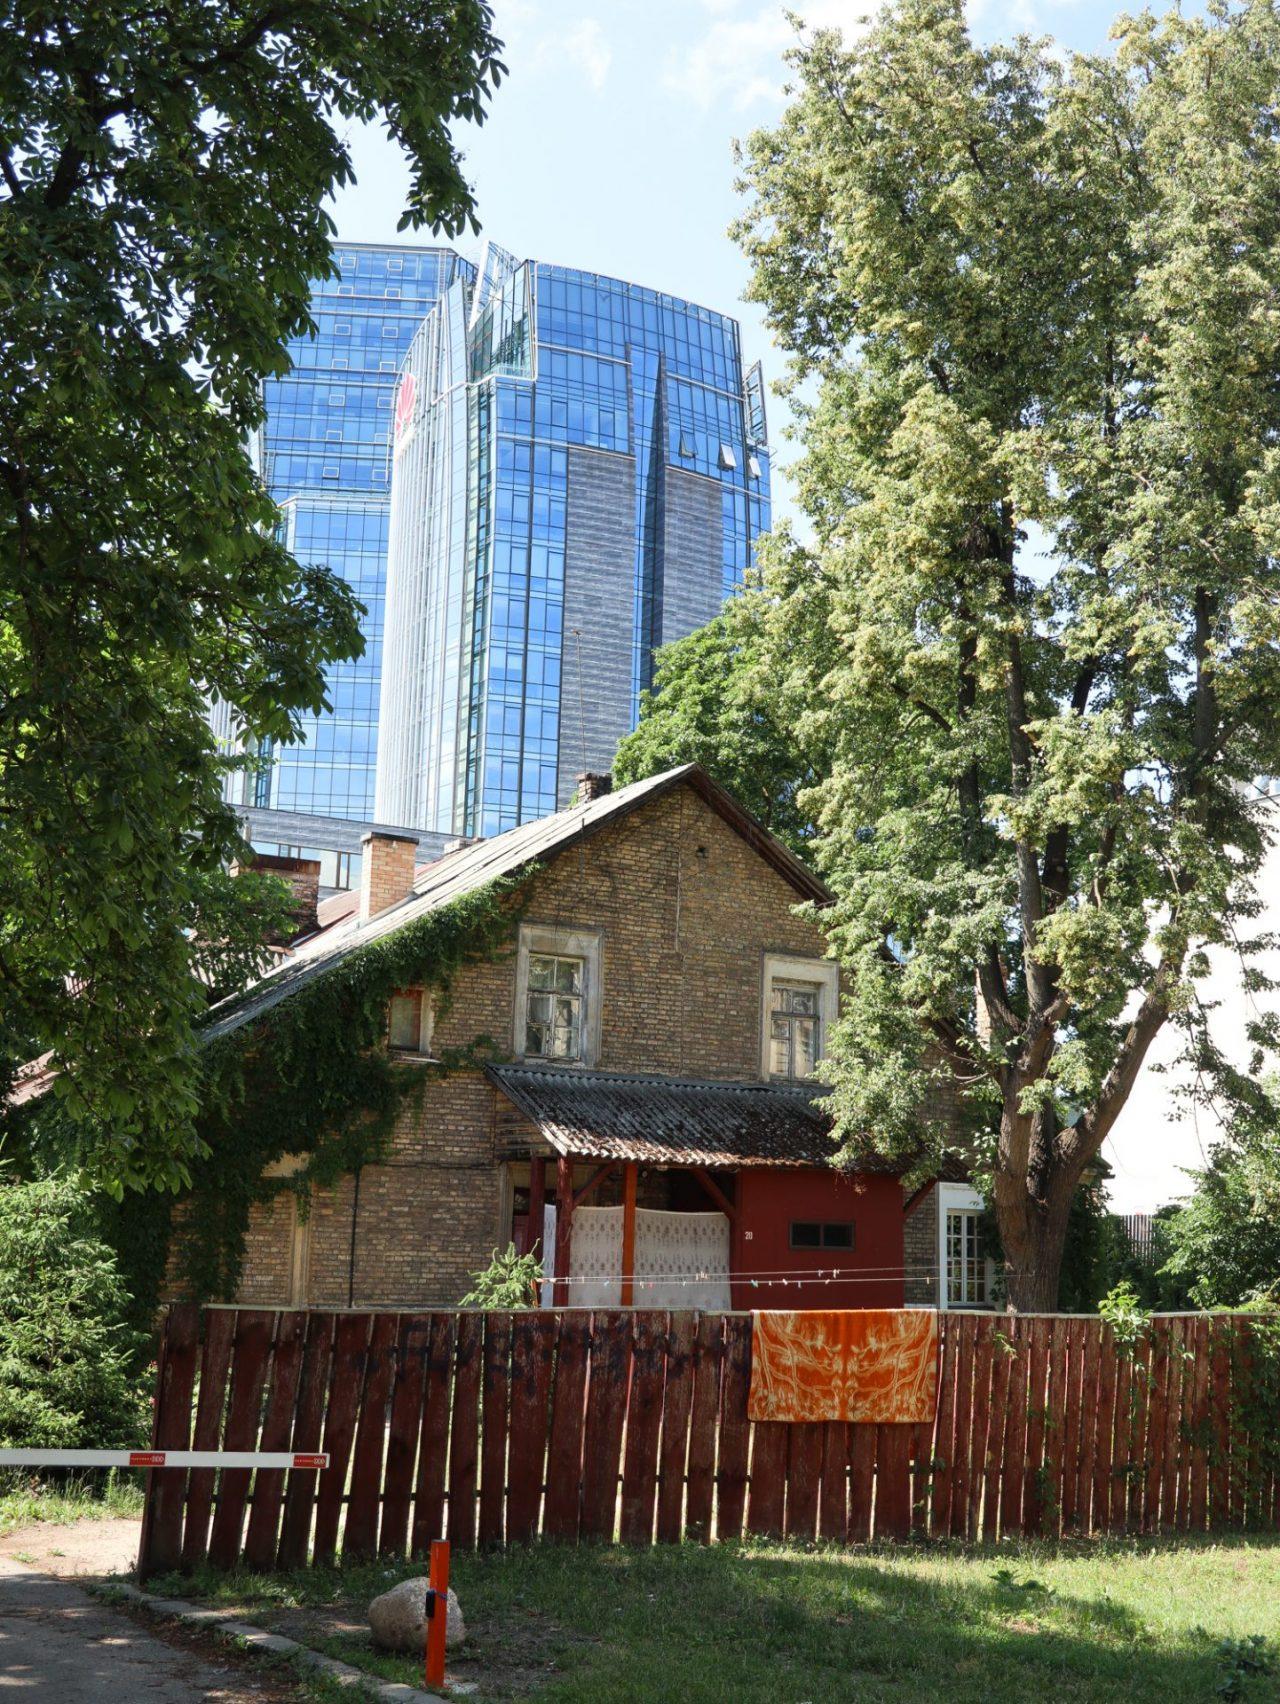 lituanie-vilnius-nouveau-quartier-snipiskes-maison-traditionnelle-architecture-moderne